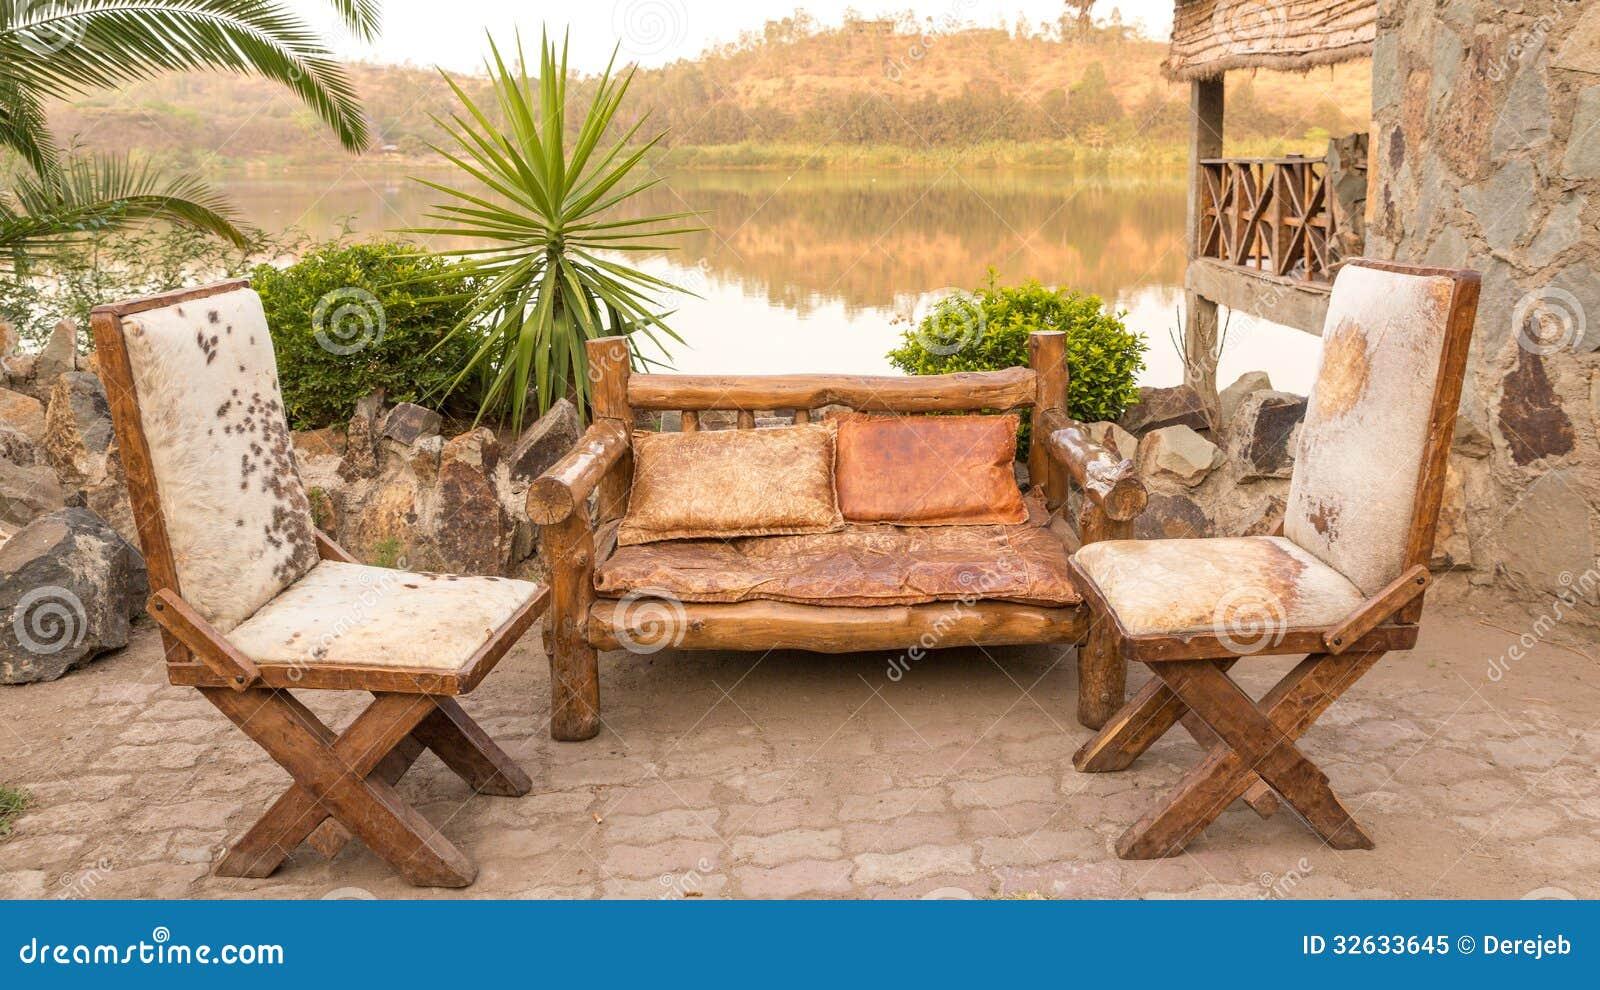 Muebles Hechos A Mano Antiguos Imagen De Archivo Imagen De Lago  # Muebles Hechos A Mano